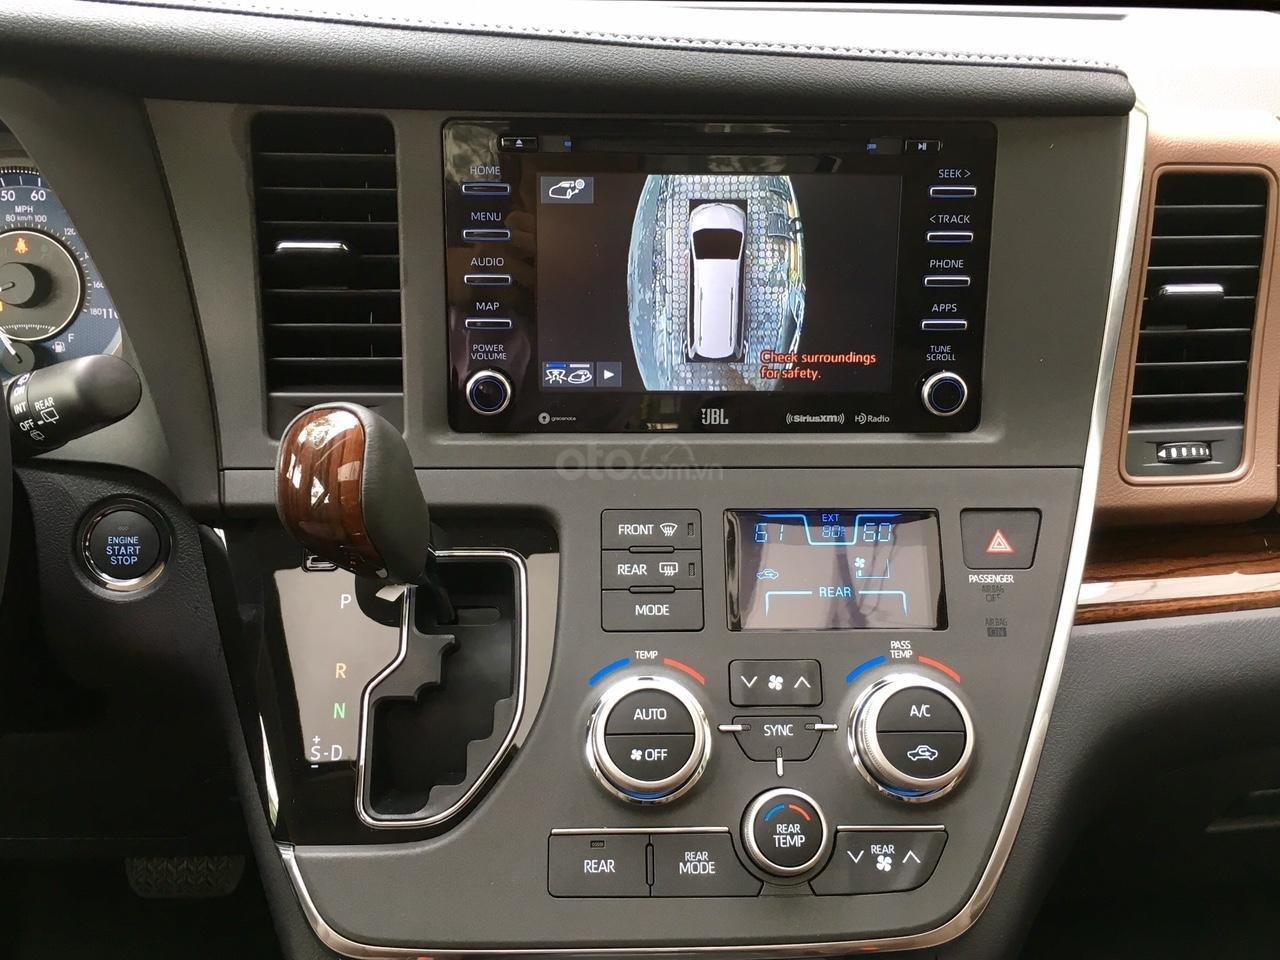 Bán Toyota Sienna Limited 1 cầu model 2020 giao ngay toàn quốc, giá tốt - LH 093.996.2368 Ms Ngọc Vy (21)